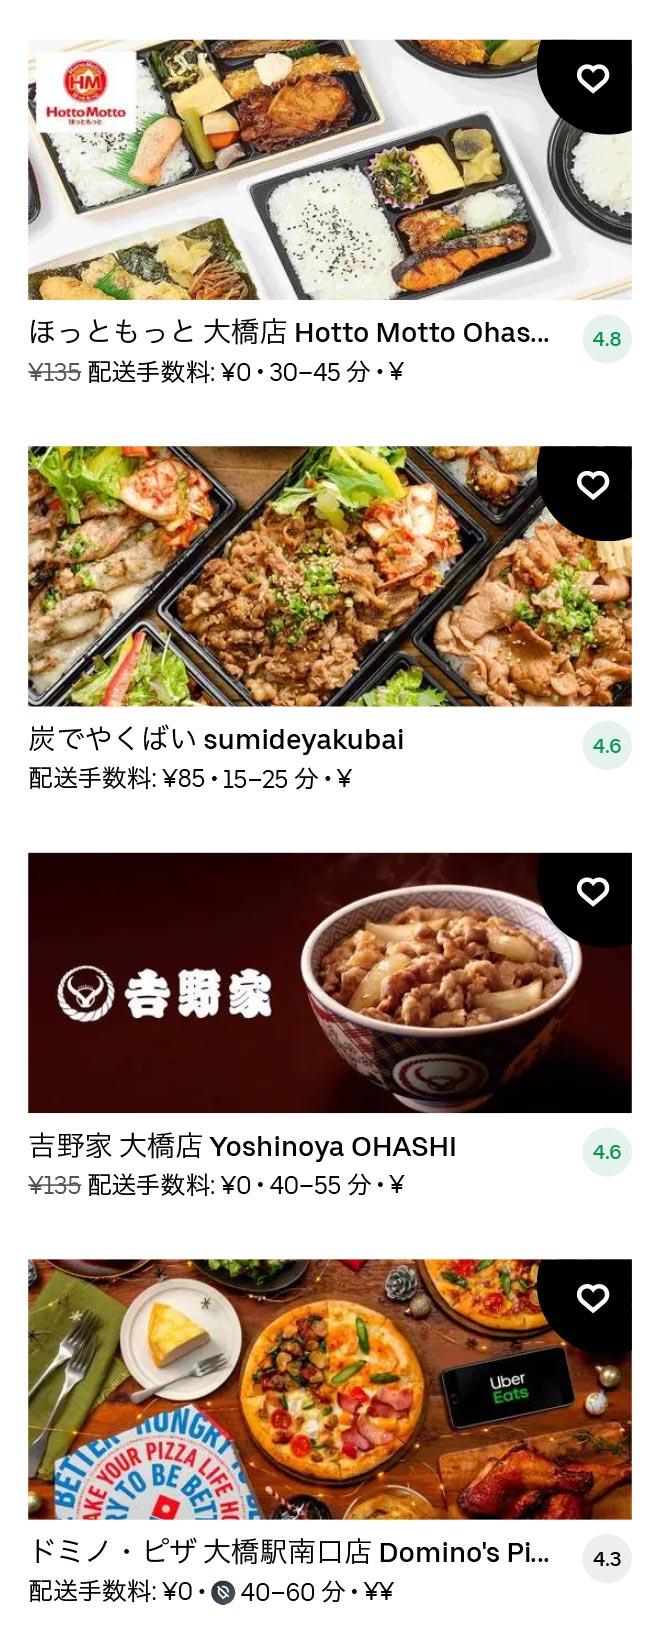 Oohashi menu 2101 03